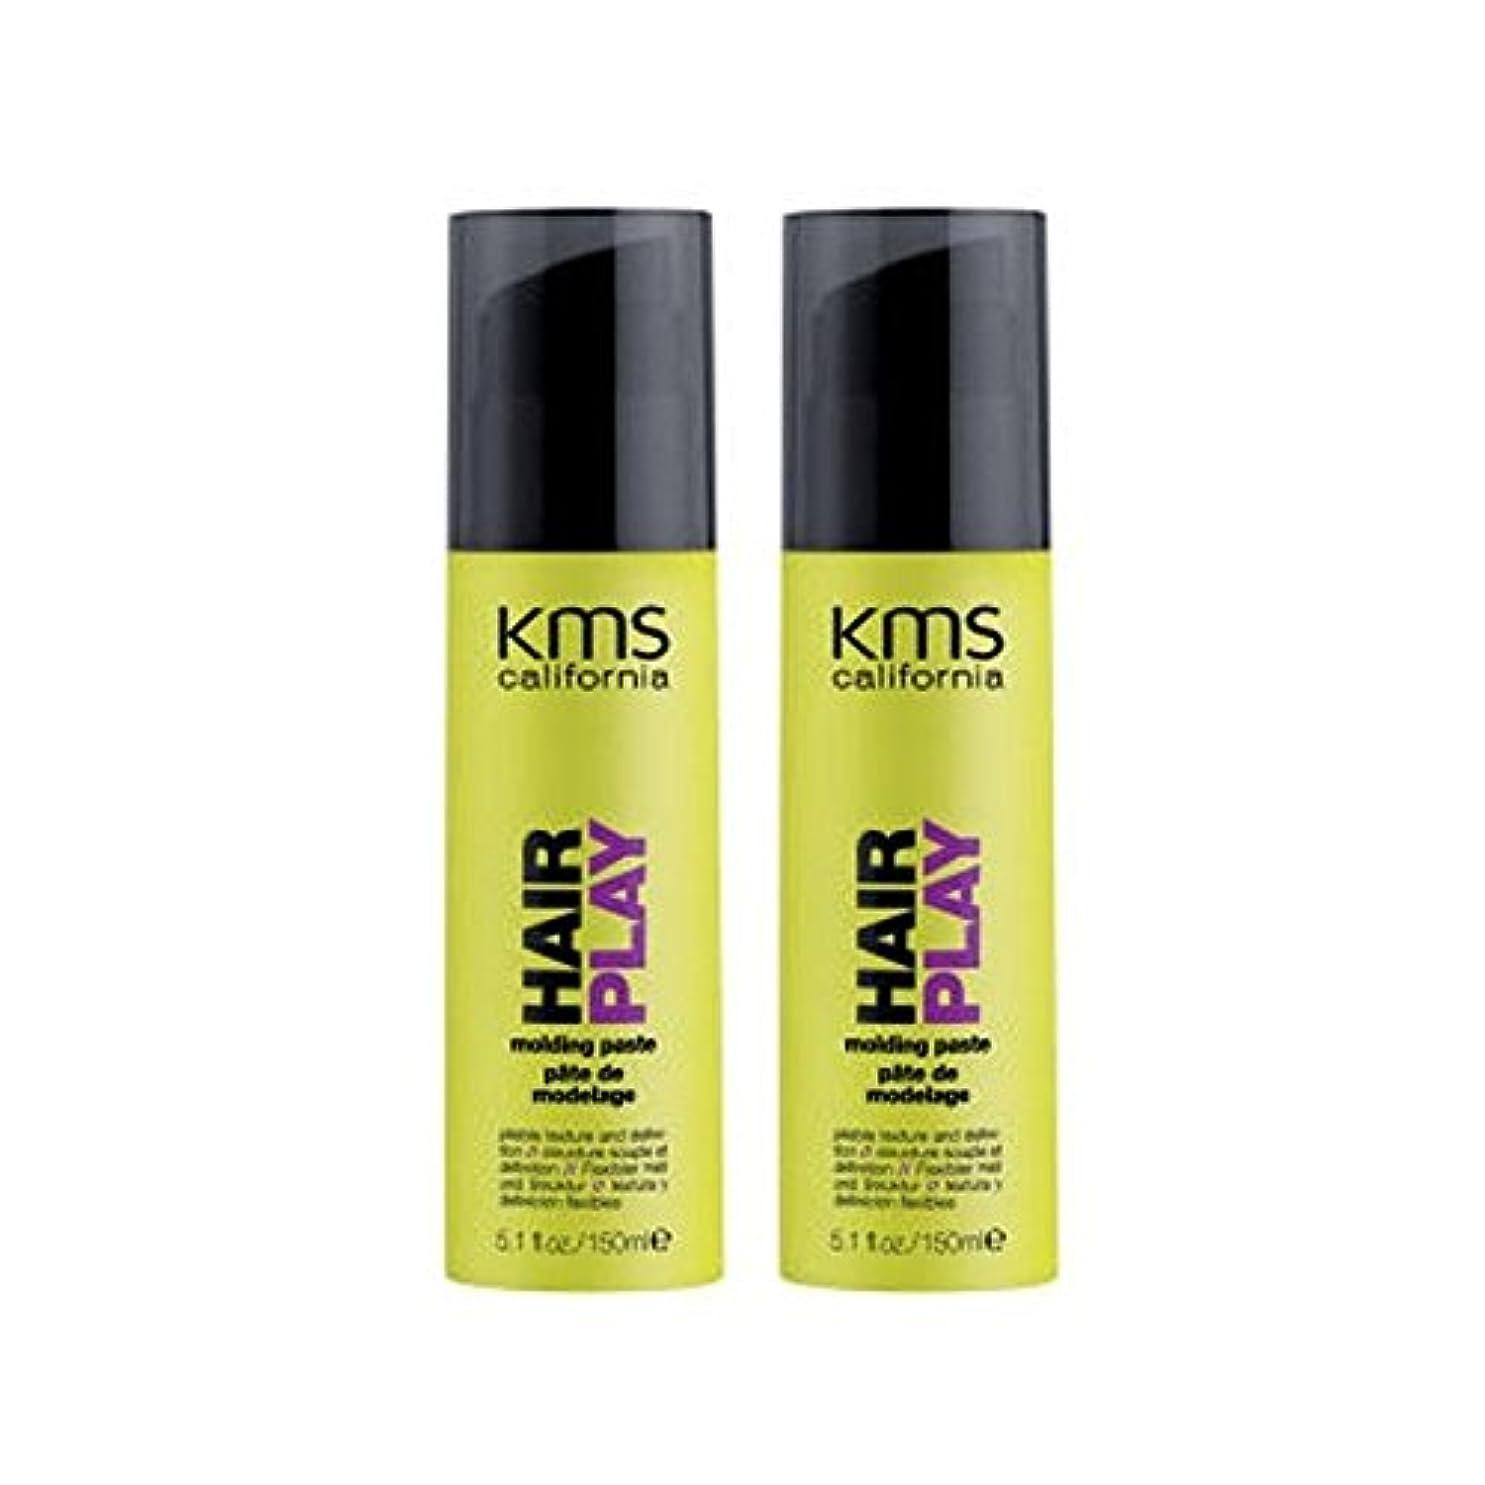 南極偽暗くするカリフォルニア成形ペーストデュオを x4 - Kms California Hairplay Molding Paste Duo (Pack of 4) [並行輸入品]